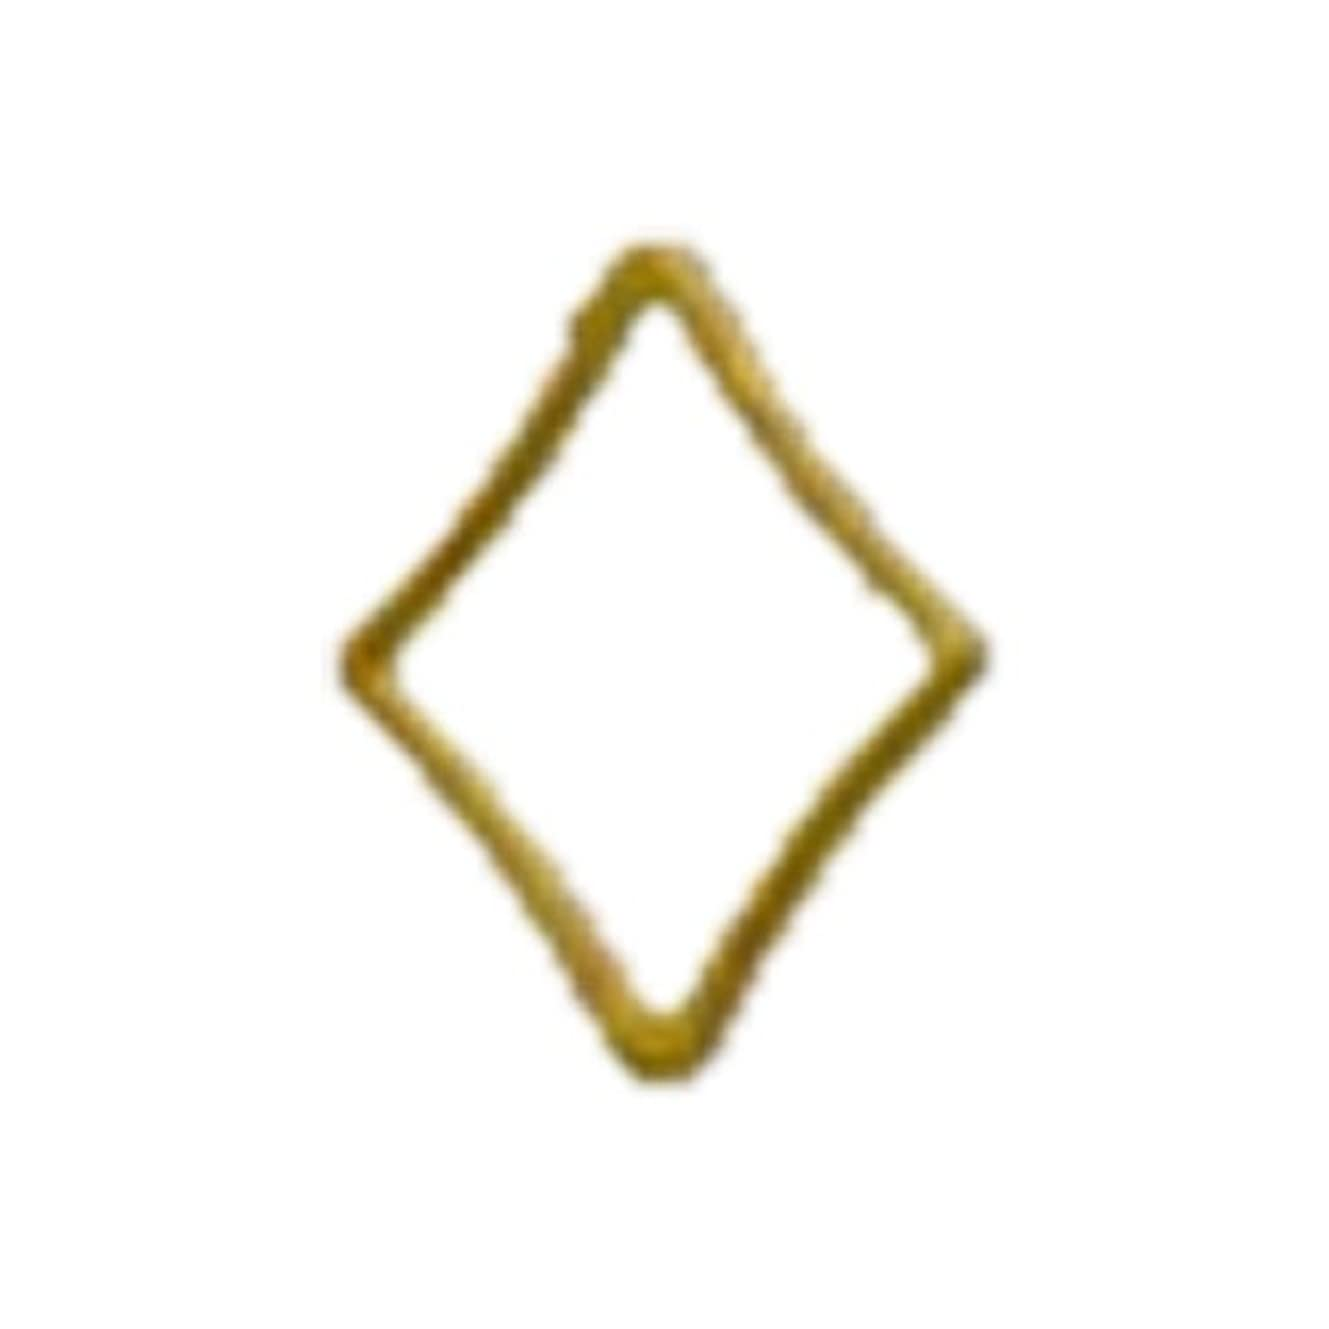 施設文化酸化するリトルプリティー ネイルアートパーツ キラキラ 3S ゴールド 20個